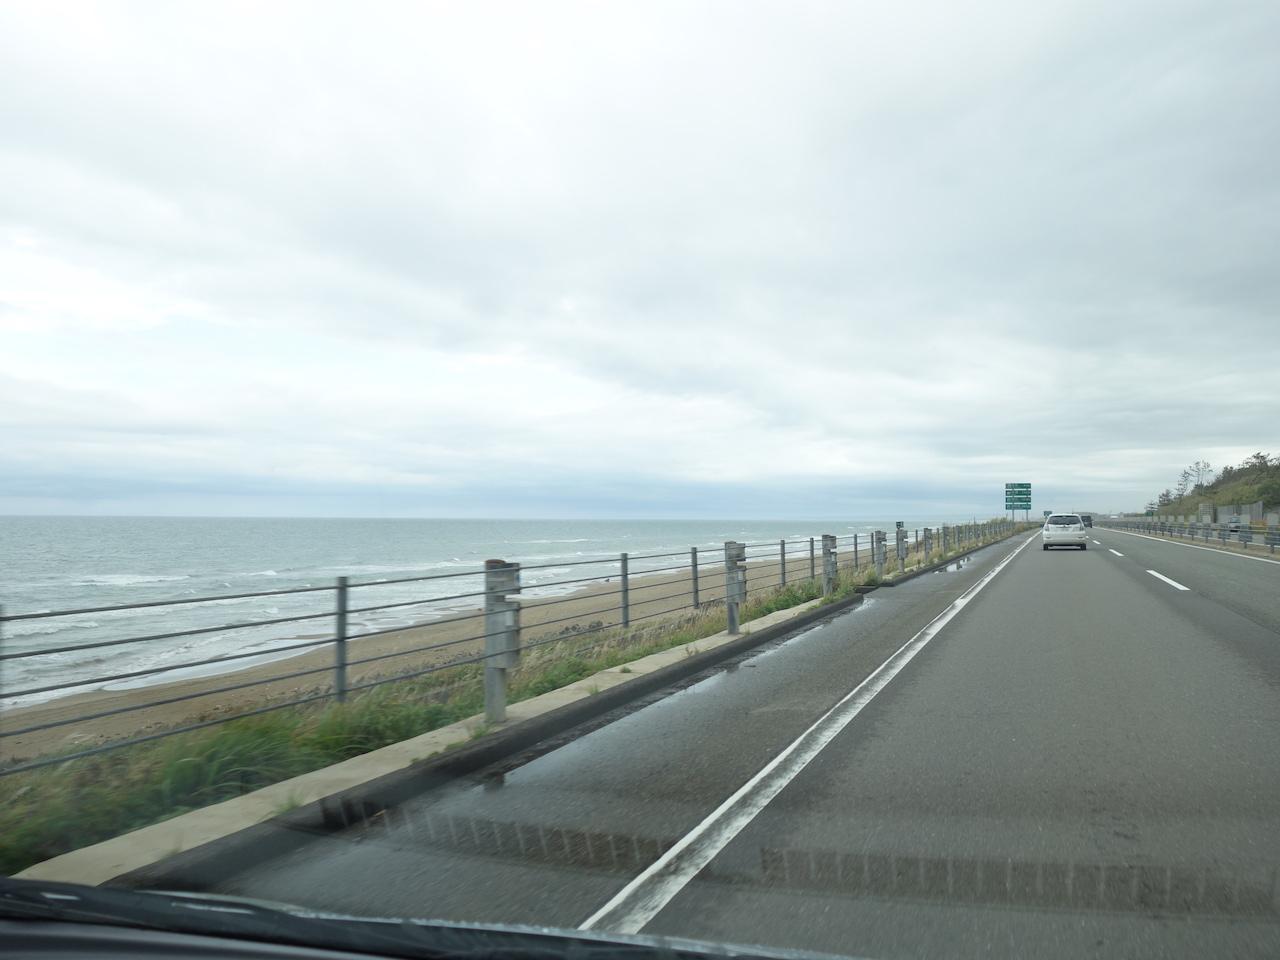 北陸石川県を訪れたなら千里浜なぎさドライブウェイを外すことはできませんね!